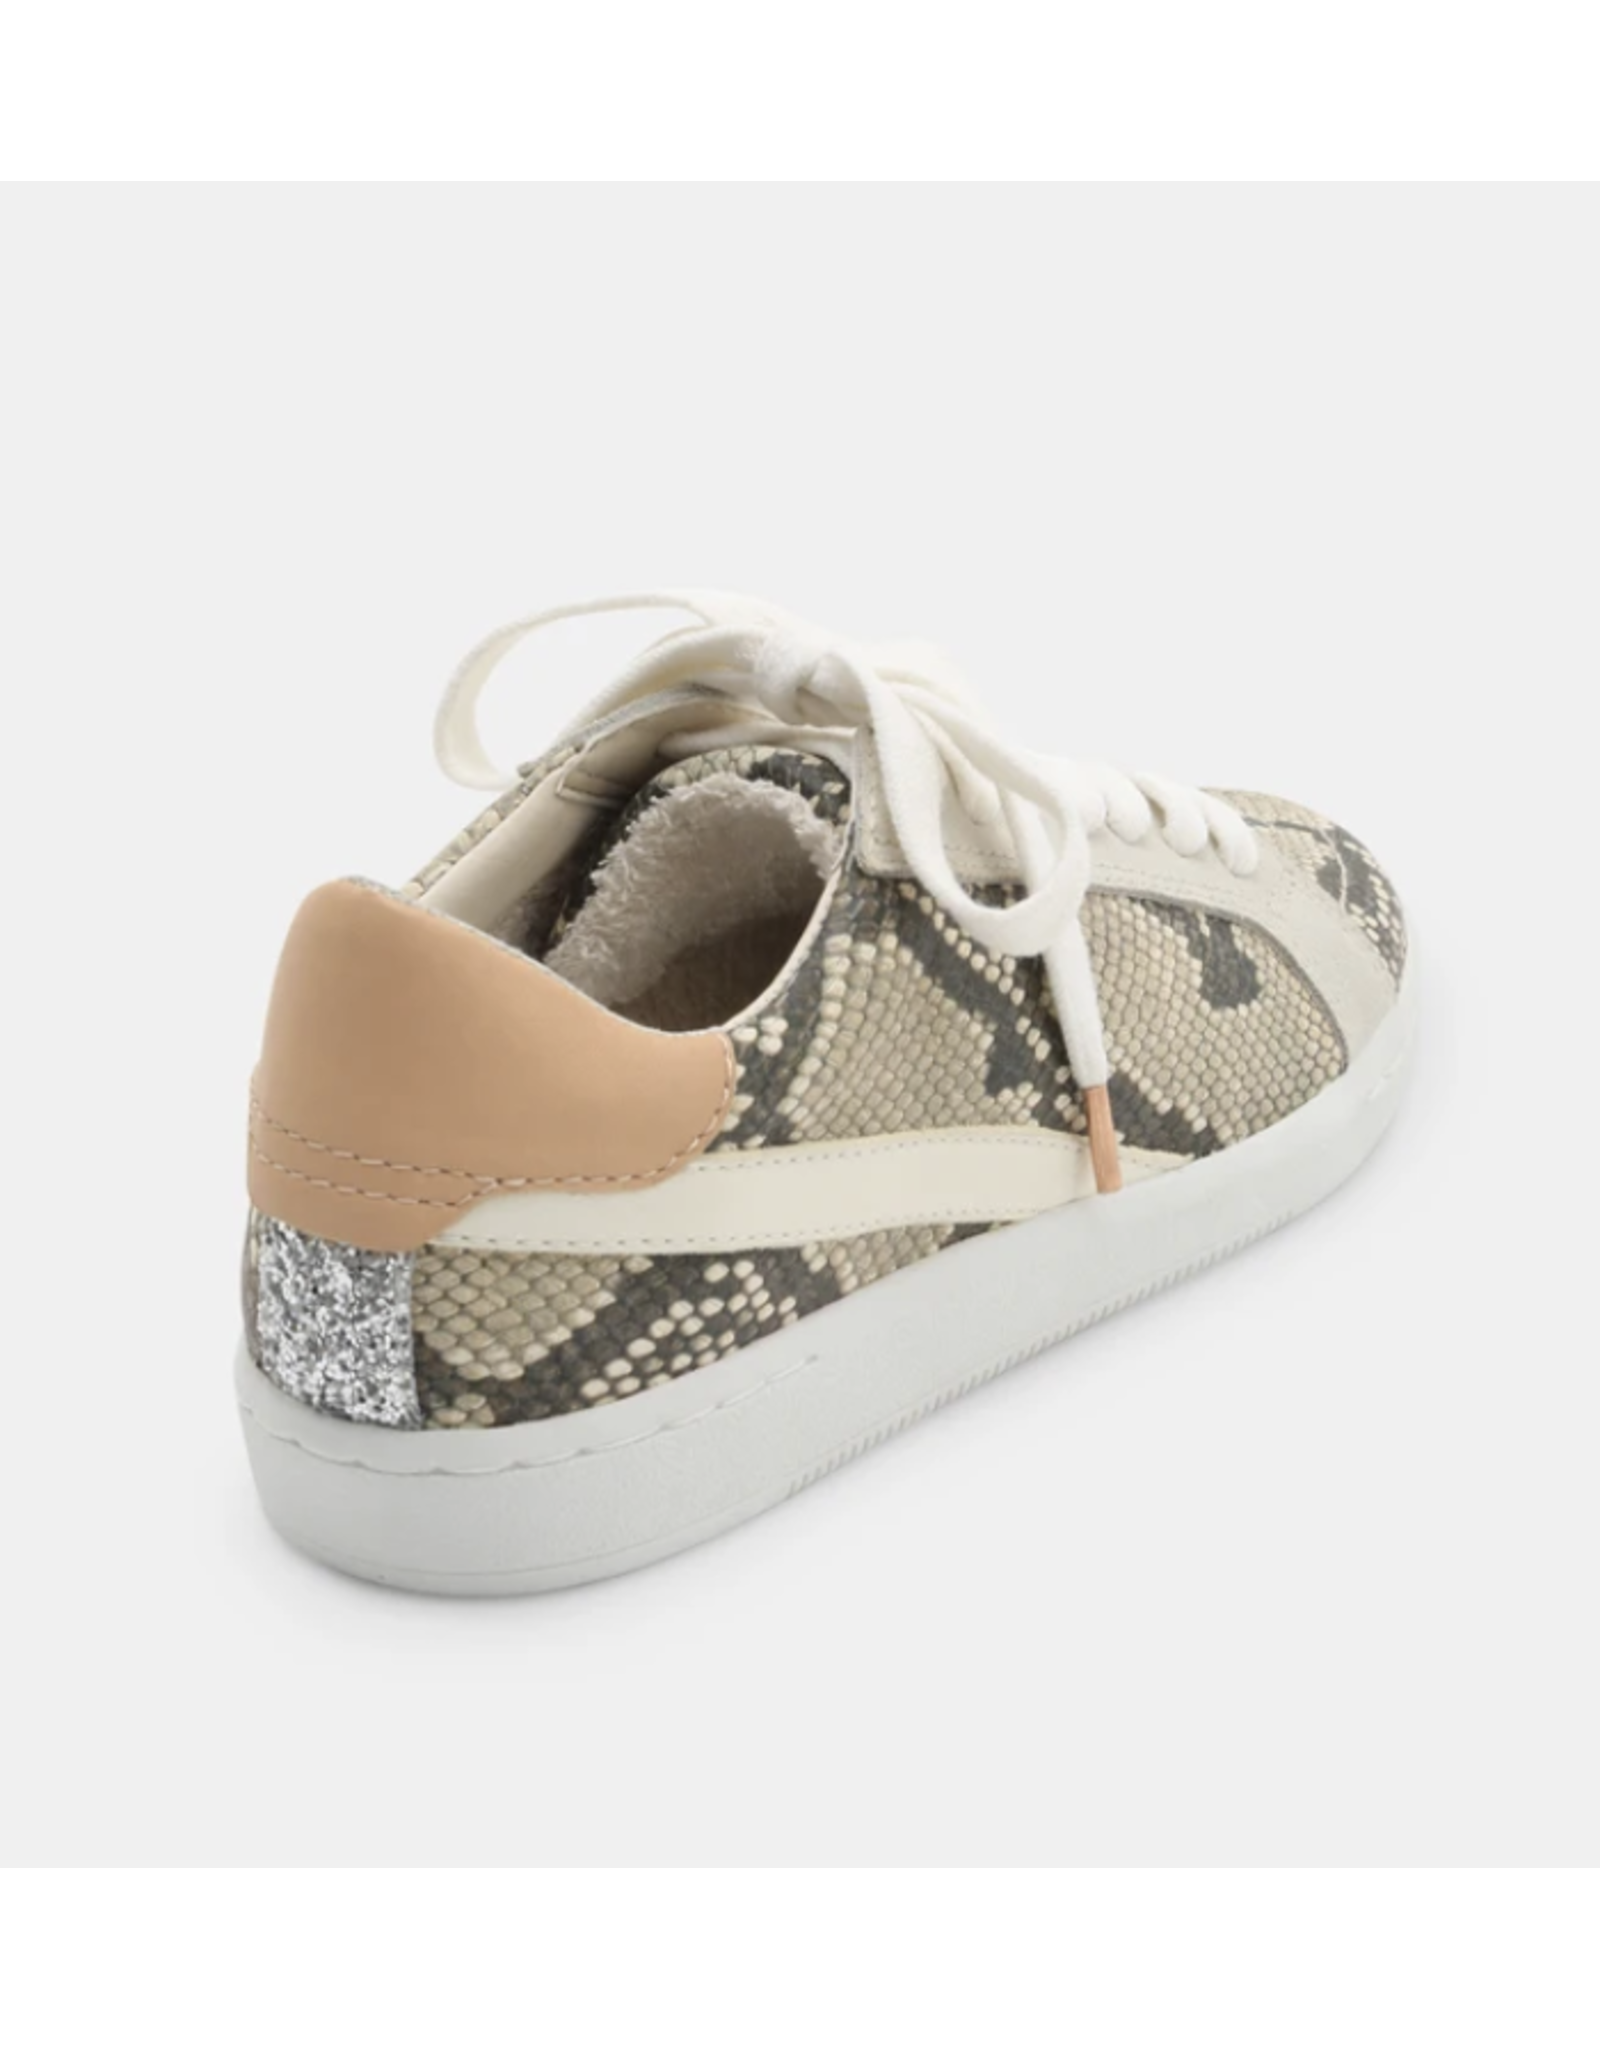 Dolce Vita Nino Sneaker